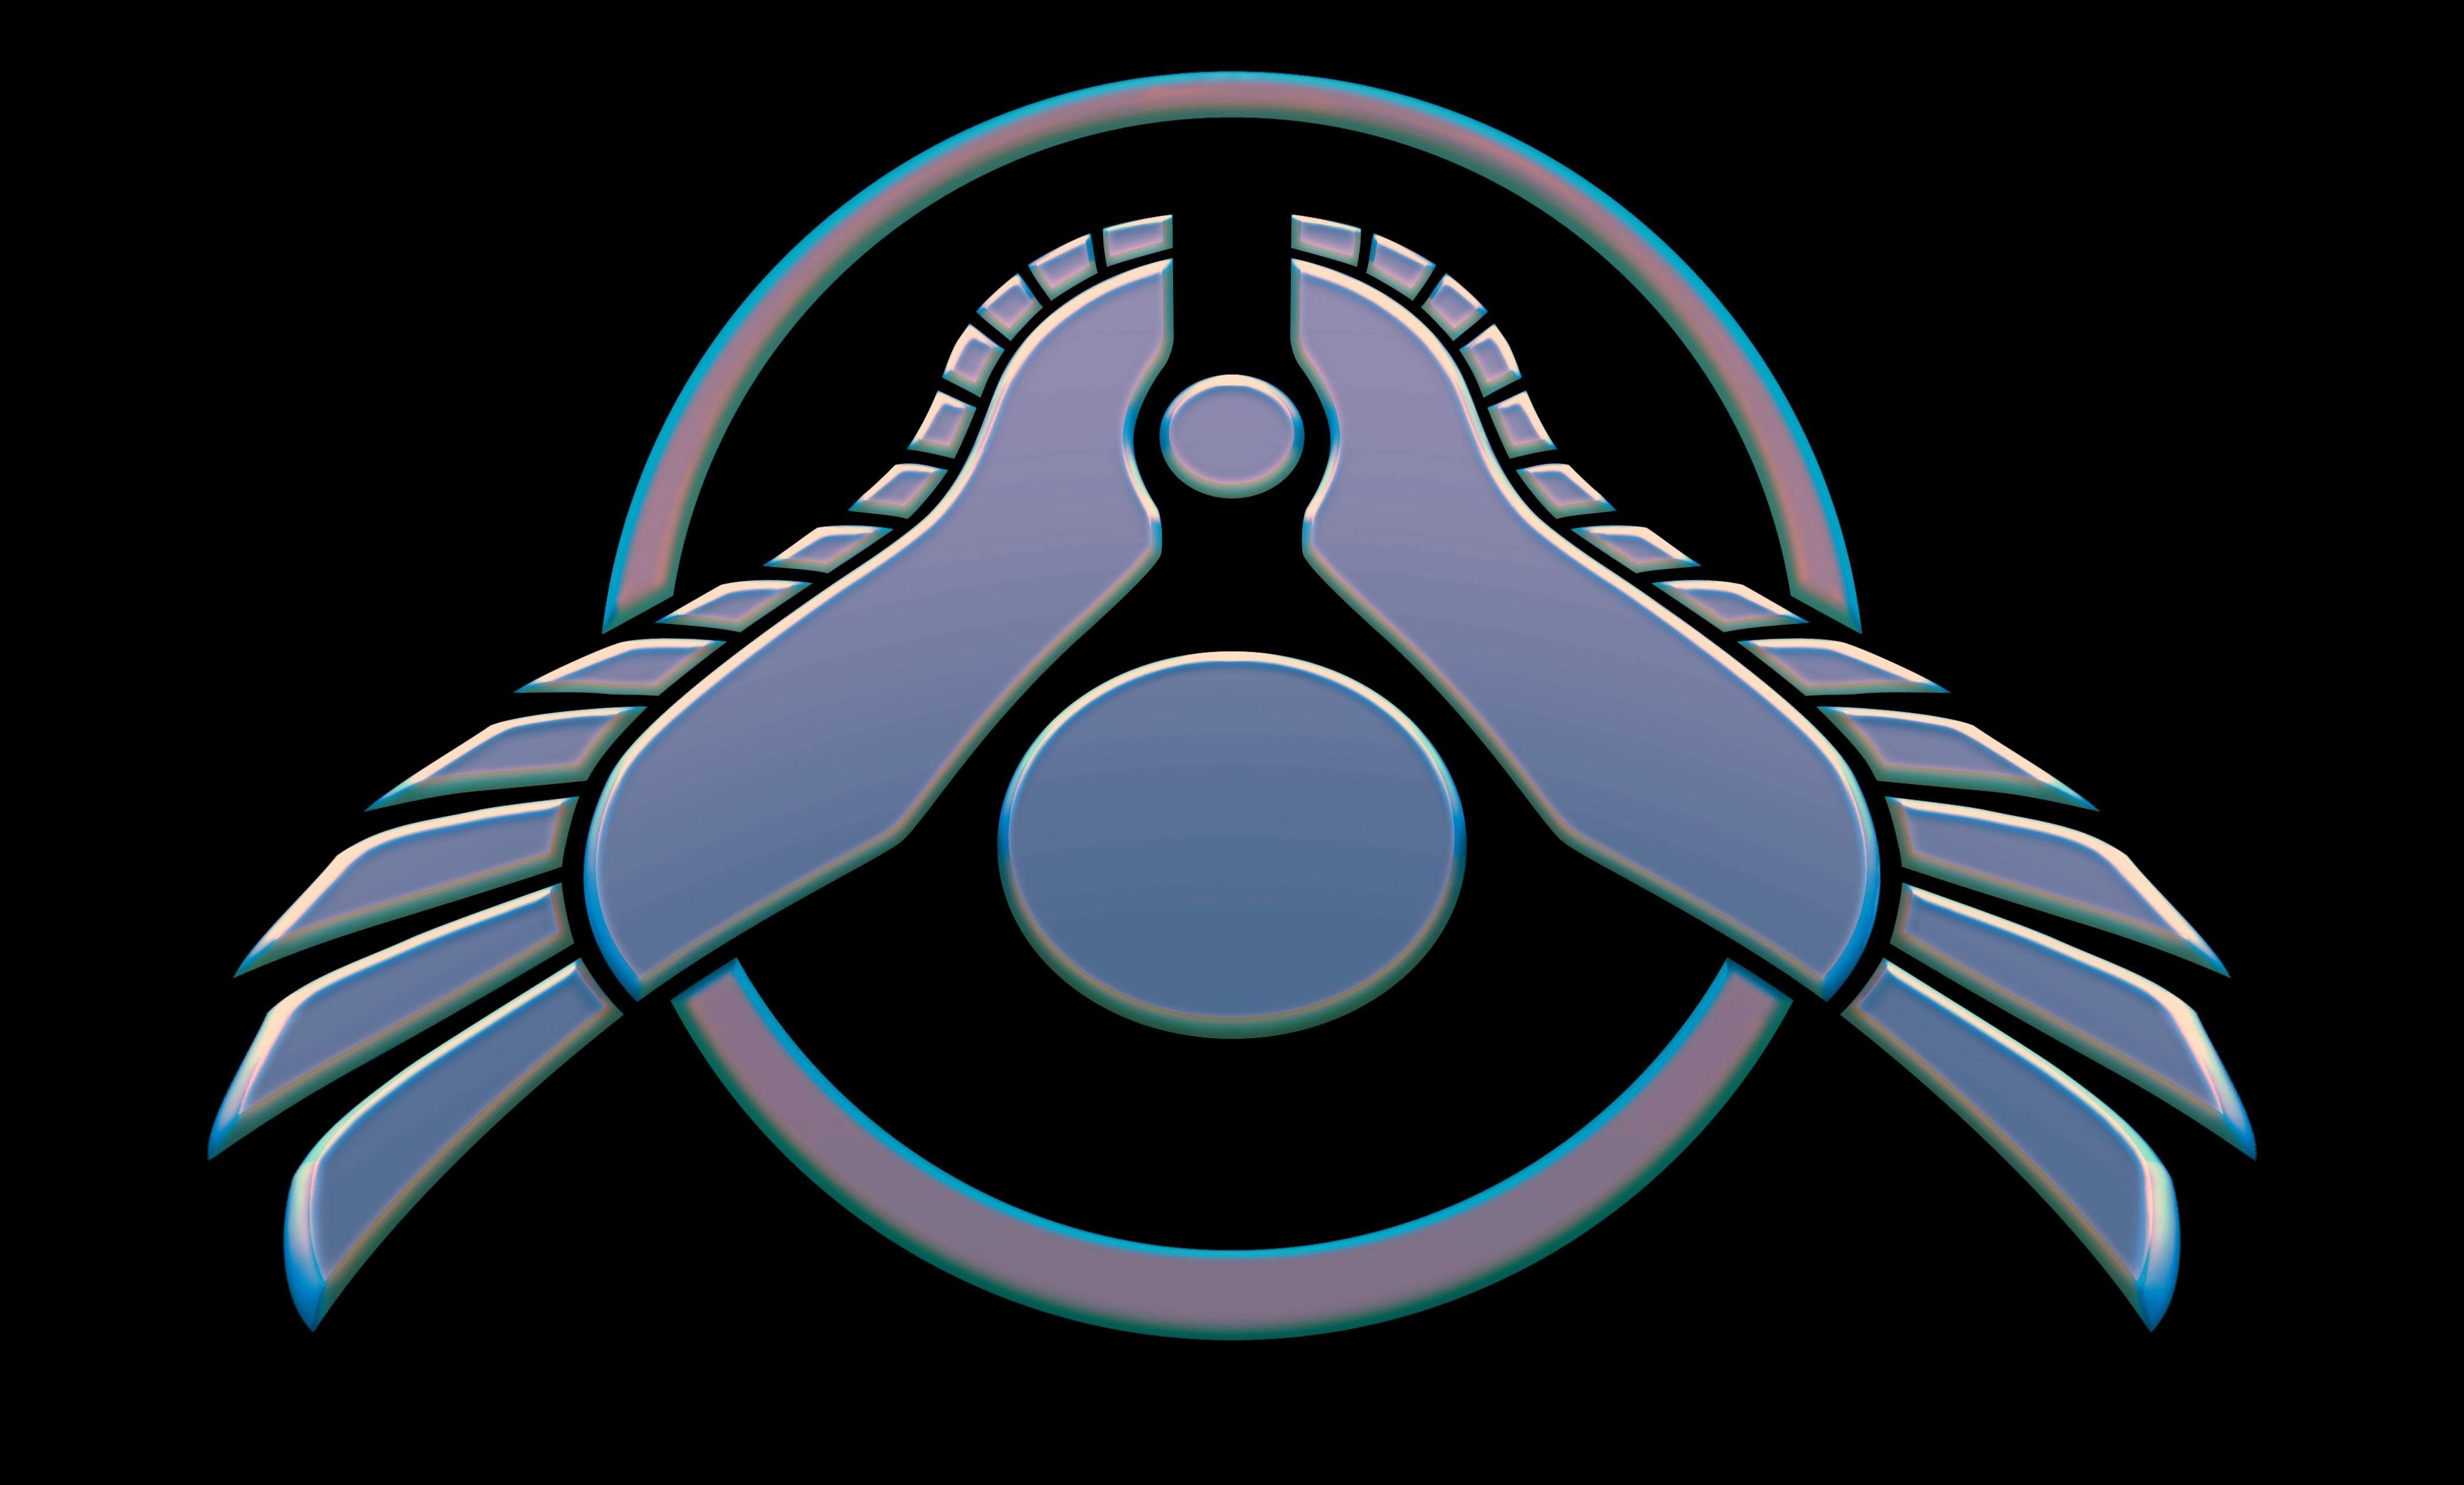 Открыт предзаказ на Homeworld Remastered Collector's Edition - Изображение 1